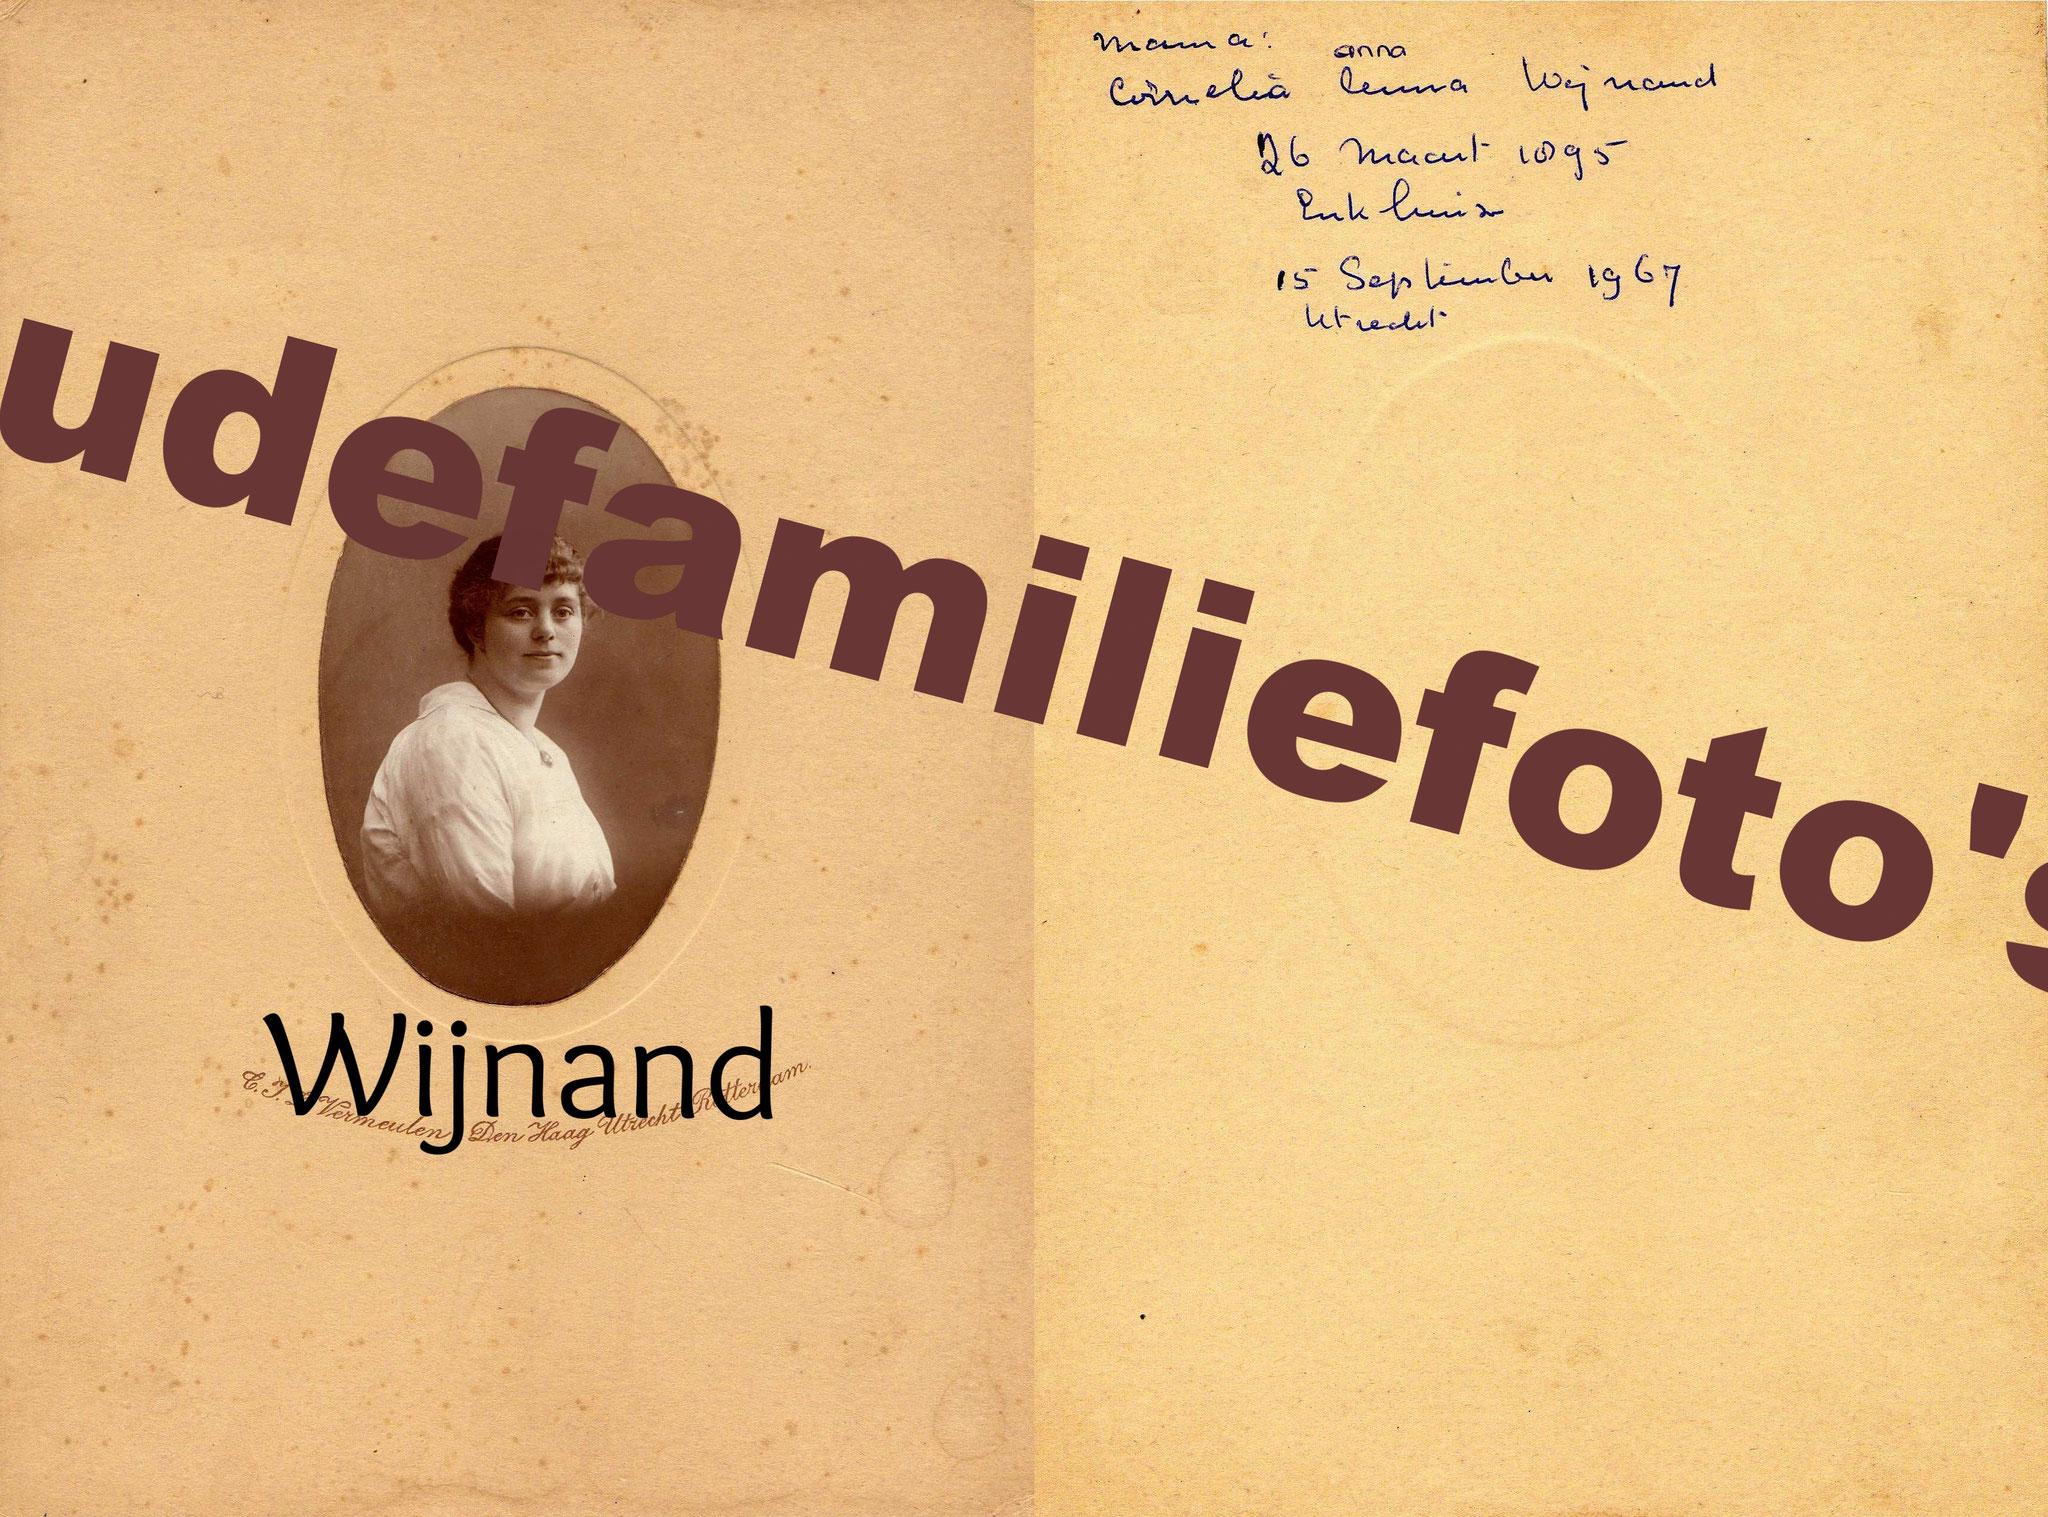 Wijnand, Cornelia Anna, geb: 26-3-1895 Enkhuizen. getrouwd met Richardus Josephus Krietemeijer. € 4,50